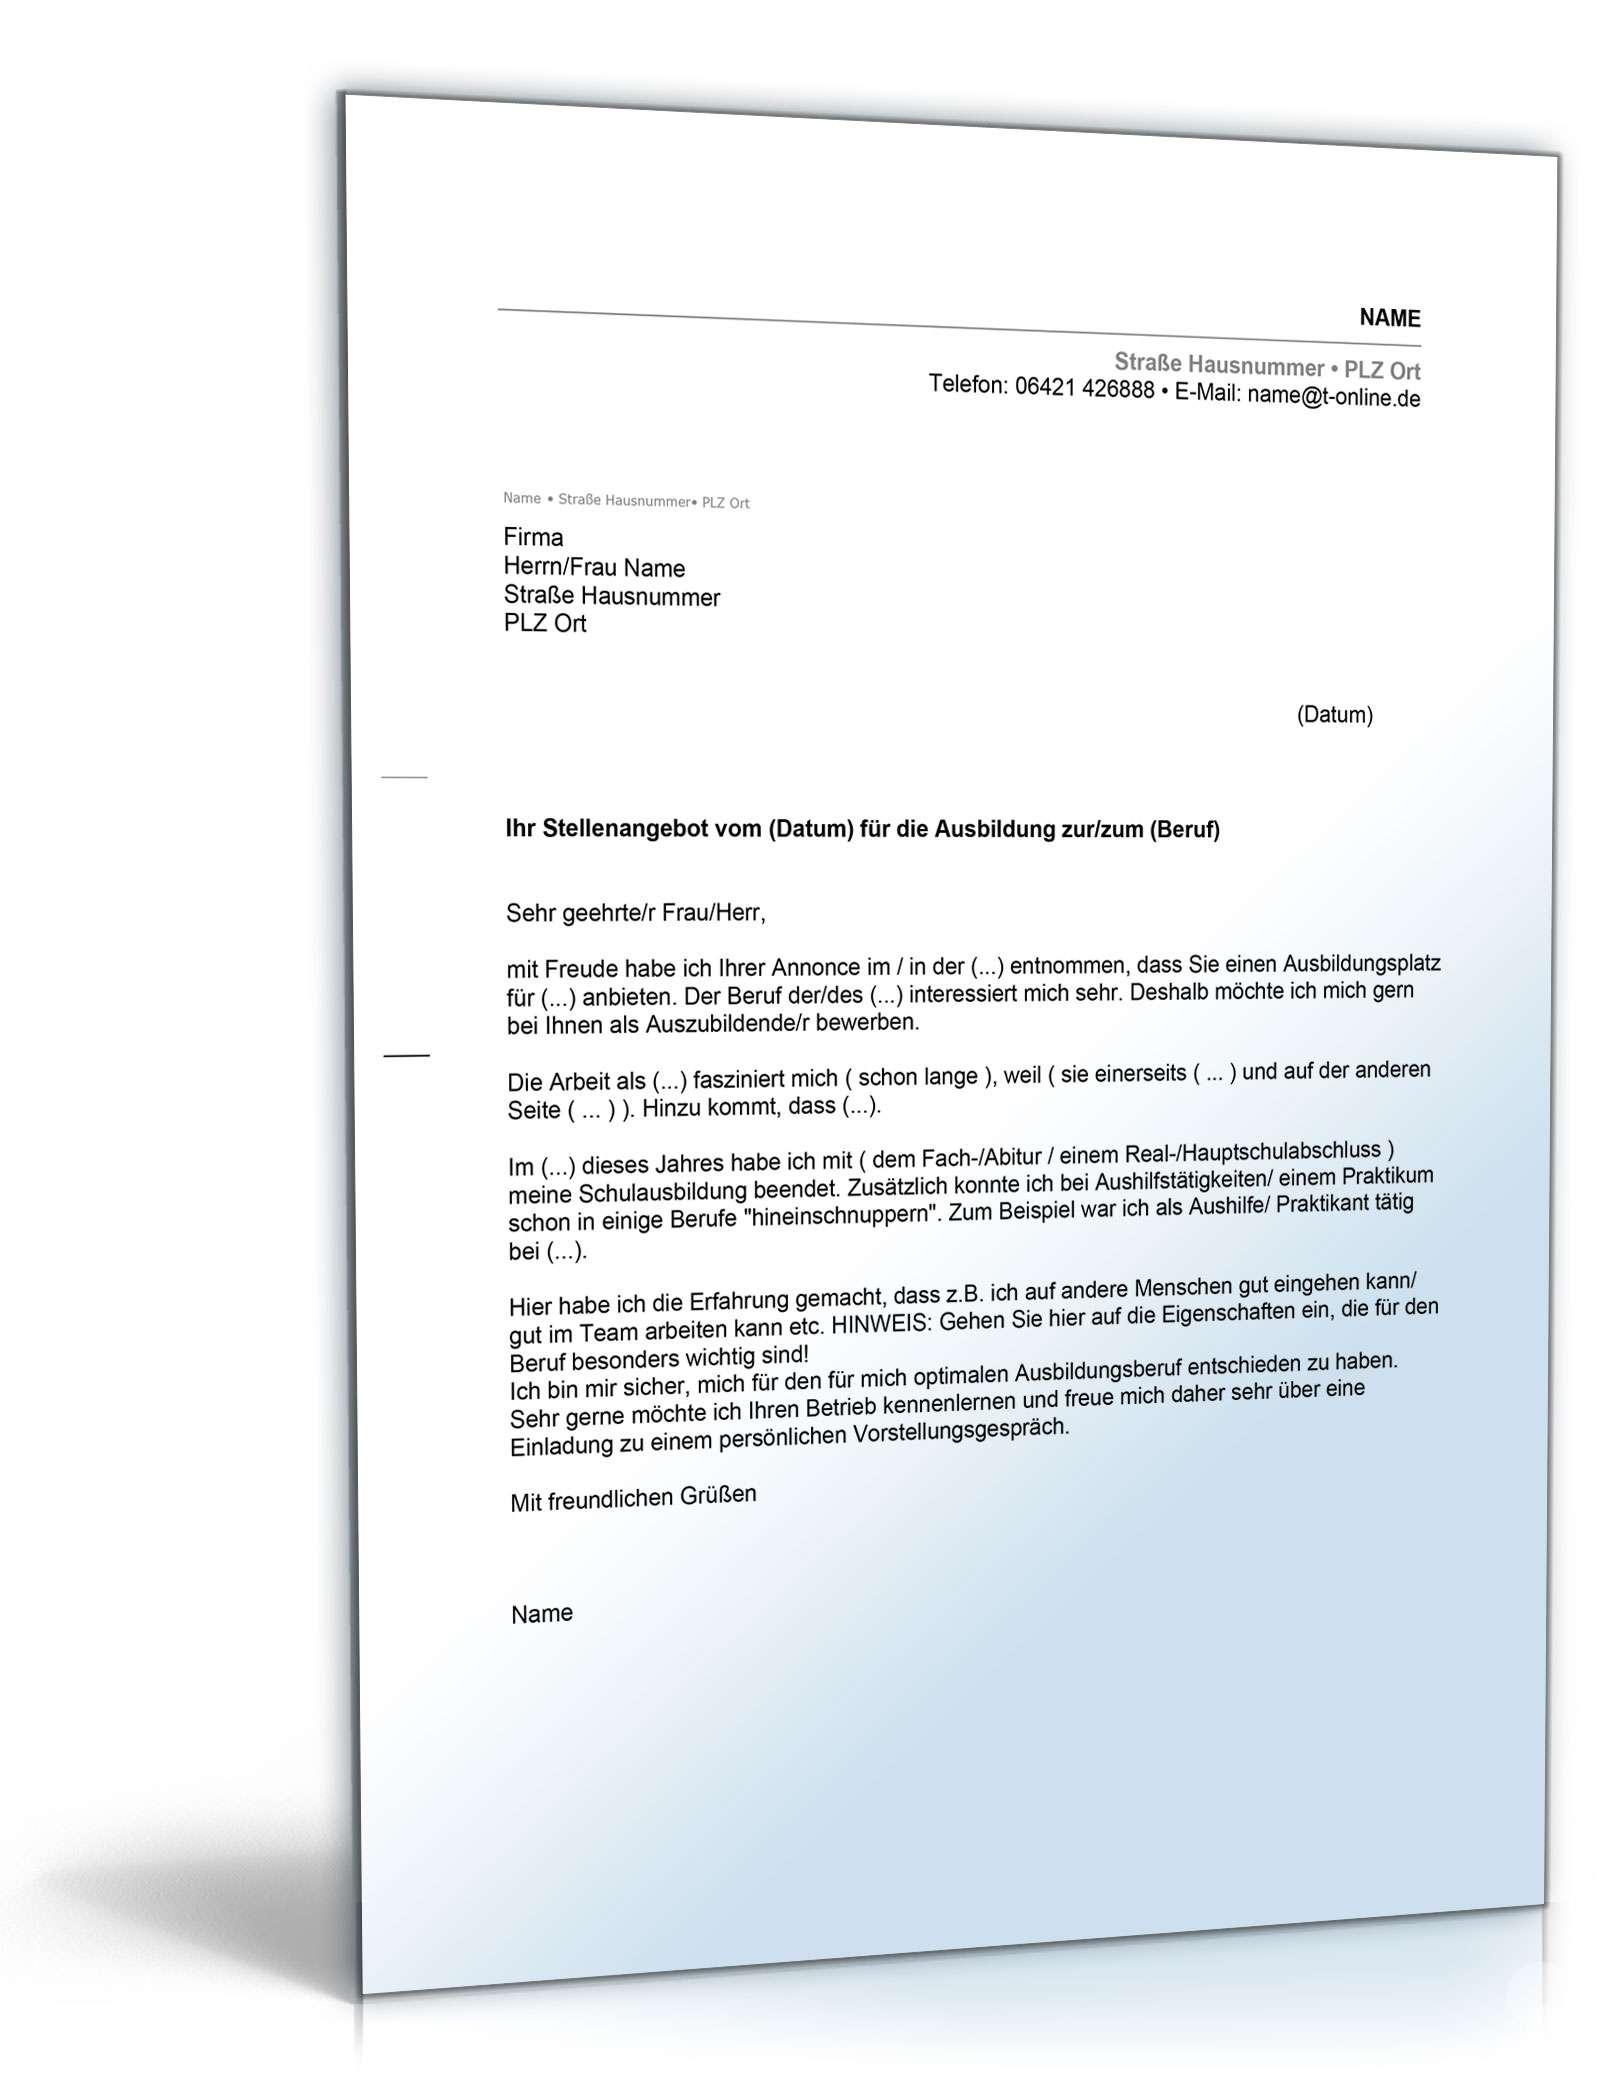 Bewerbung Ausbildungsplatz Vorlage Zum Download